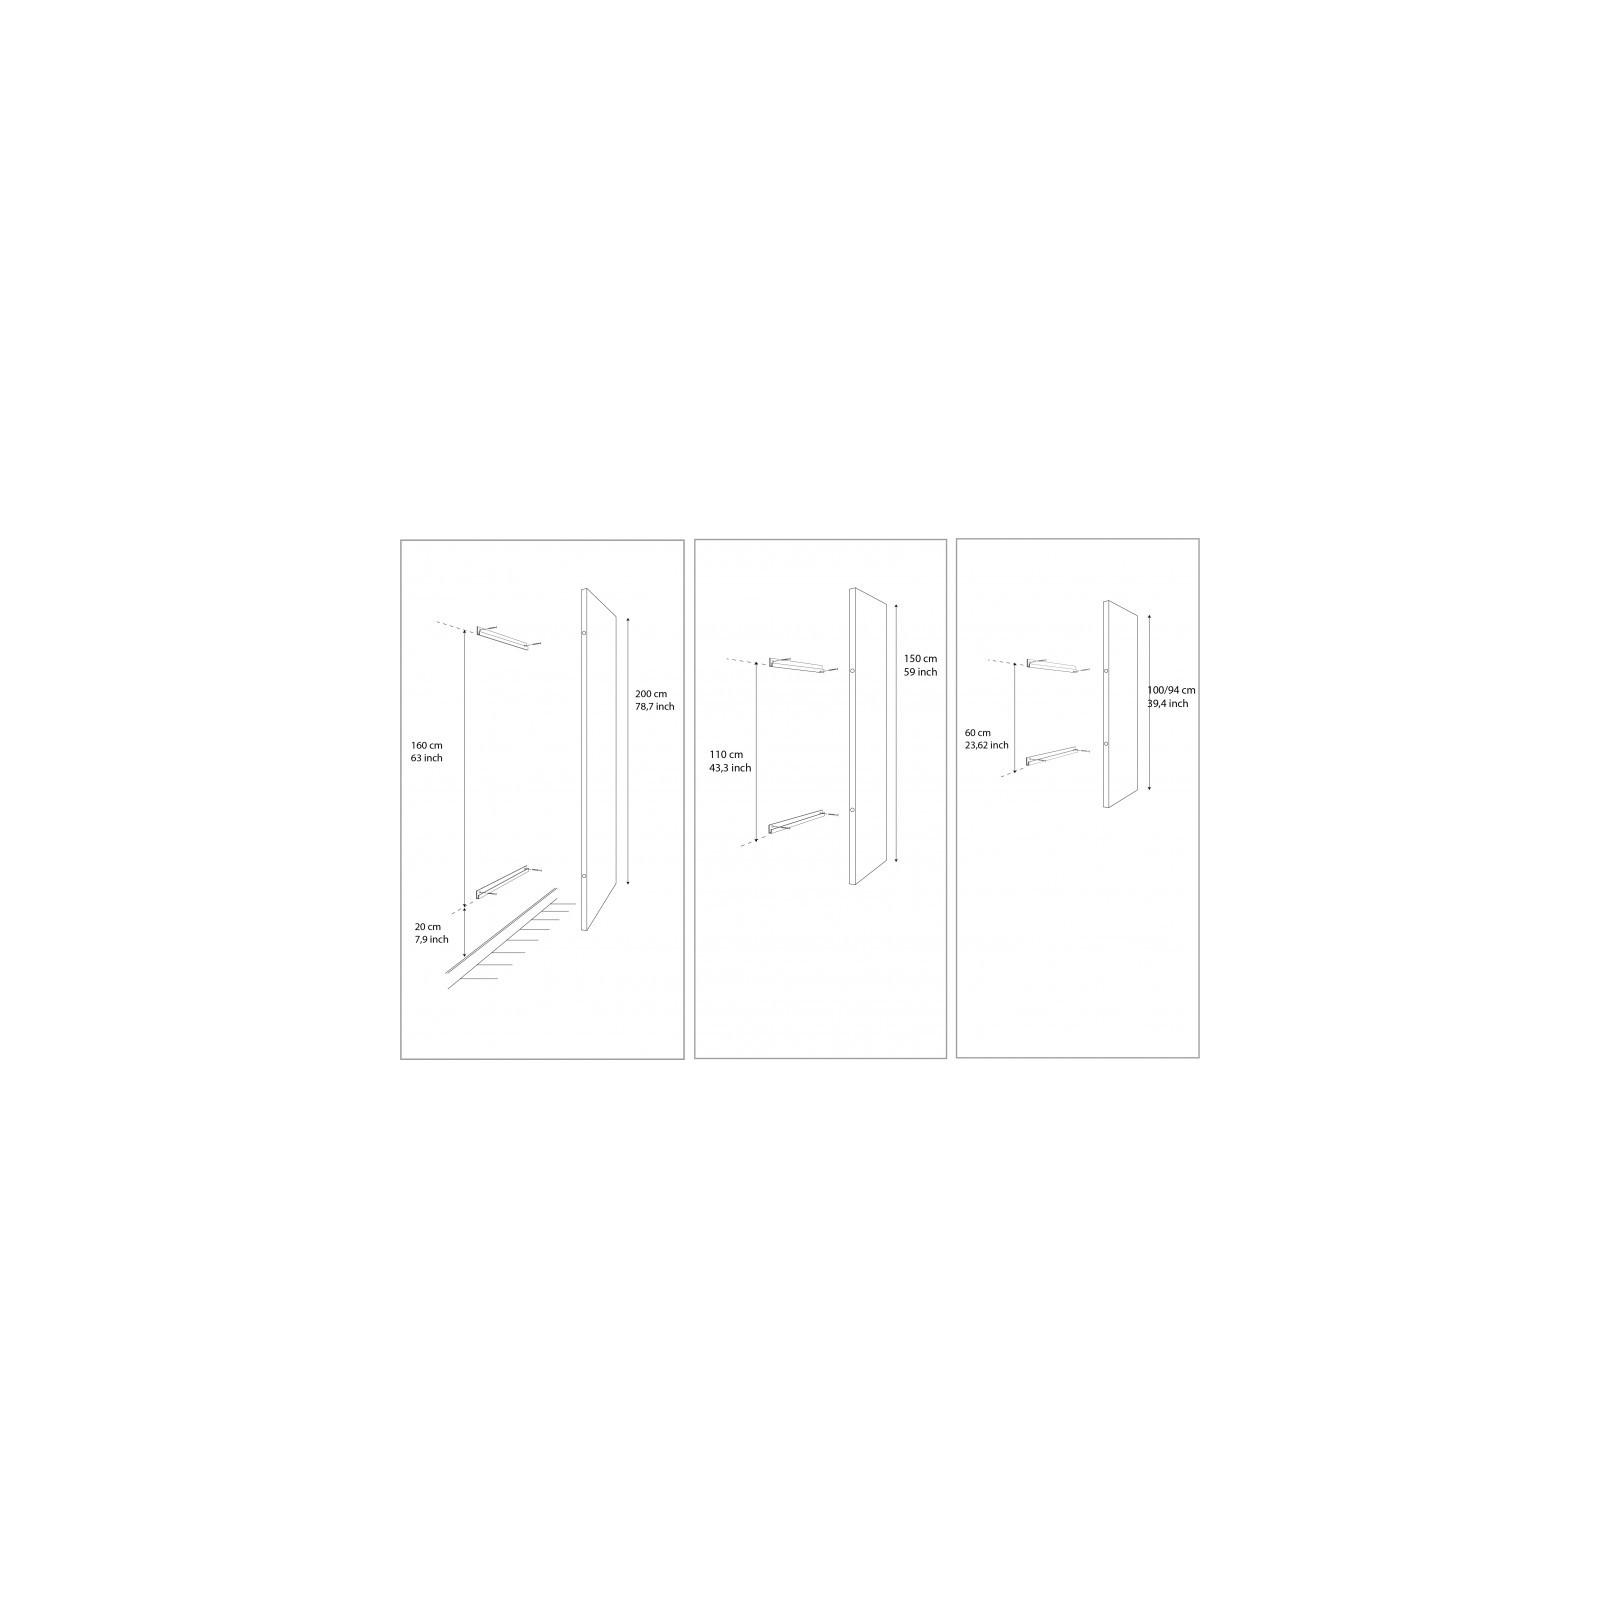 miroir d formant carr arne concept. Black Bedroom Furniture Sets. Home Design Ideas